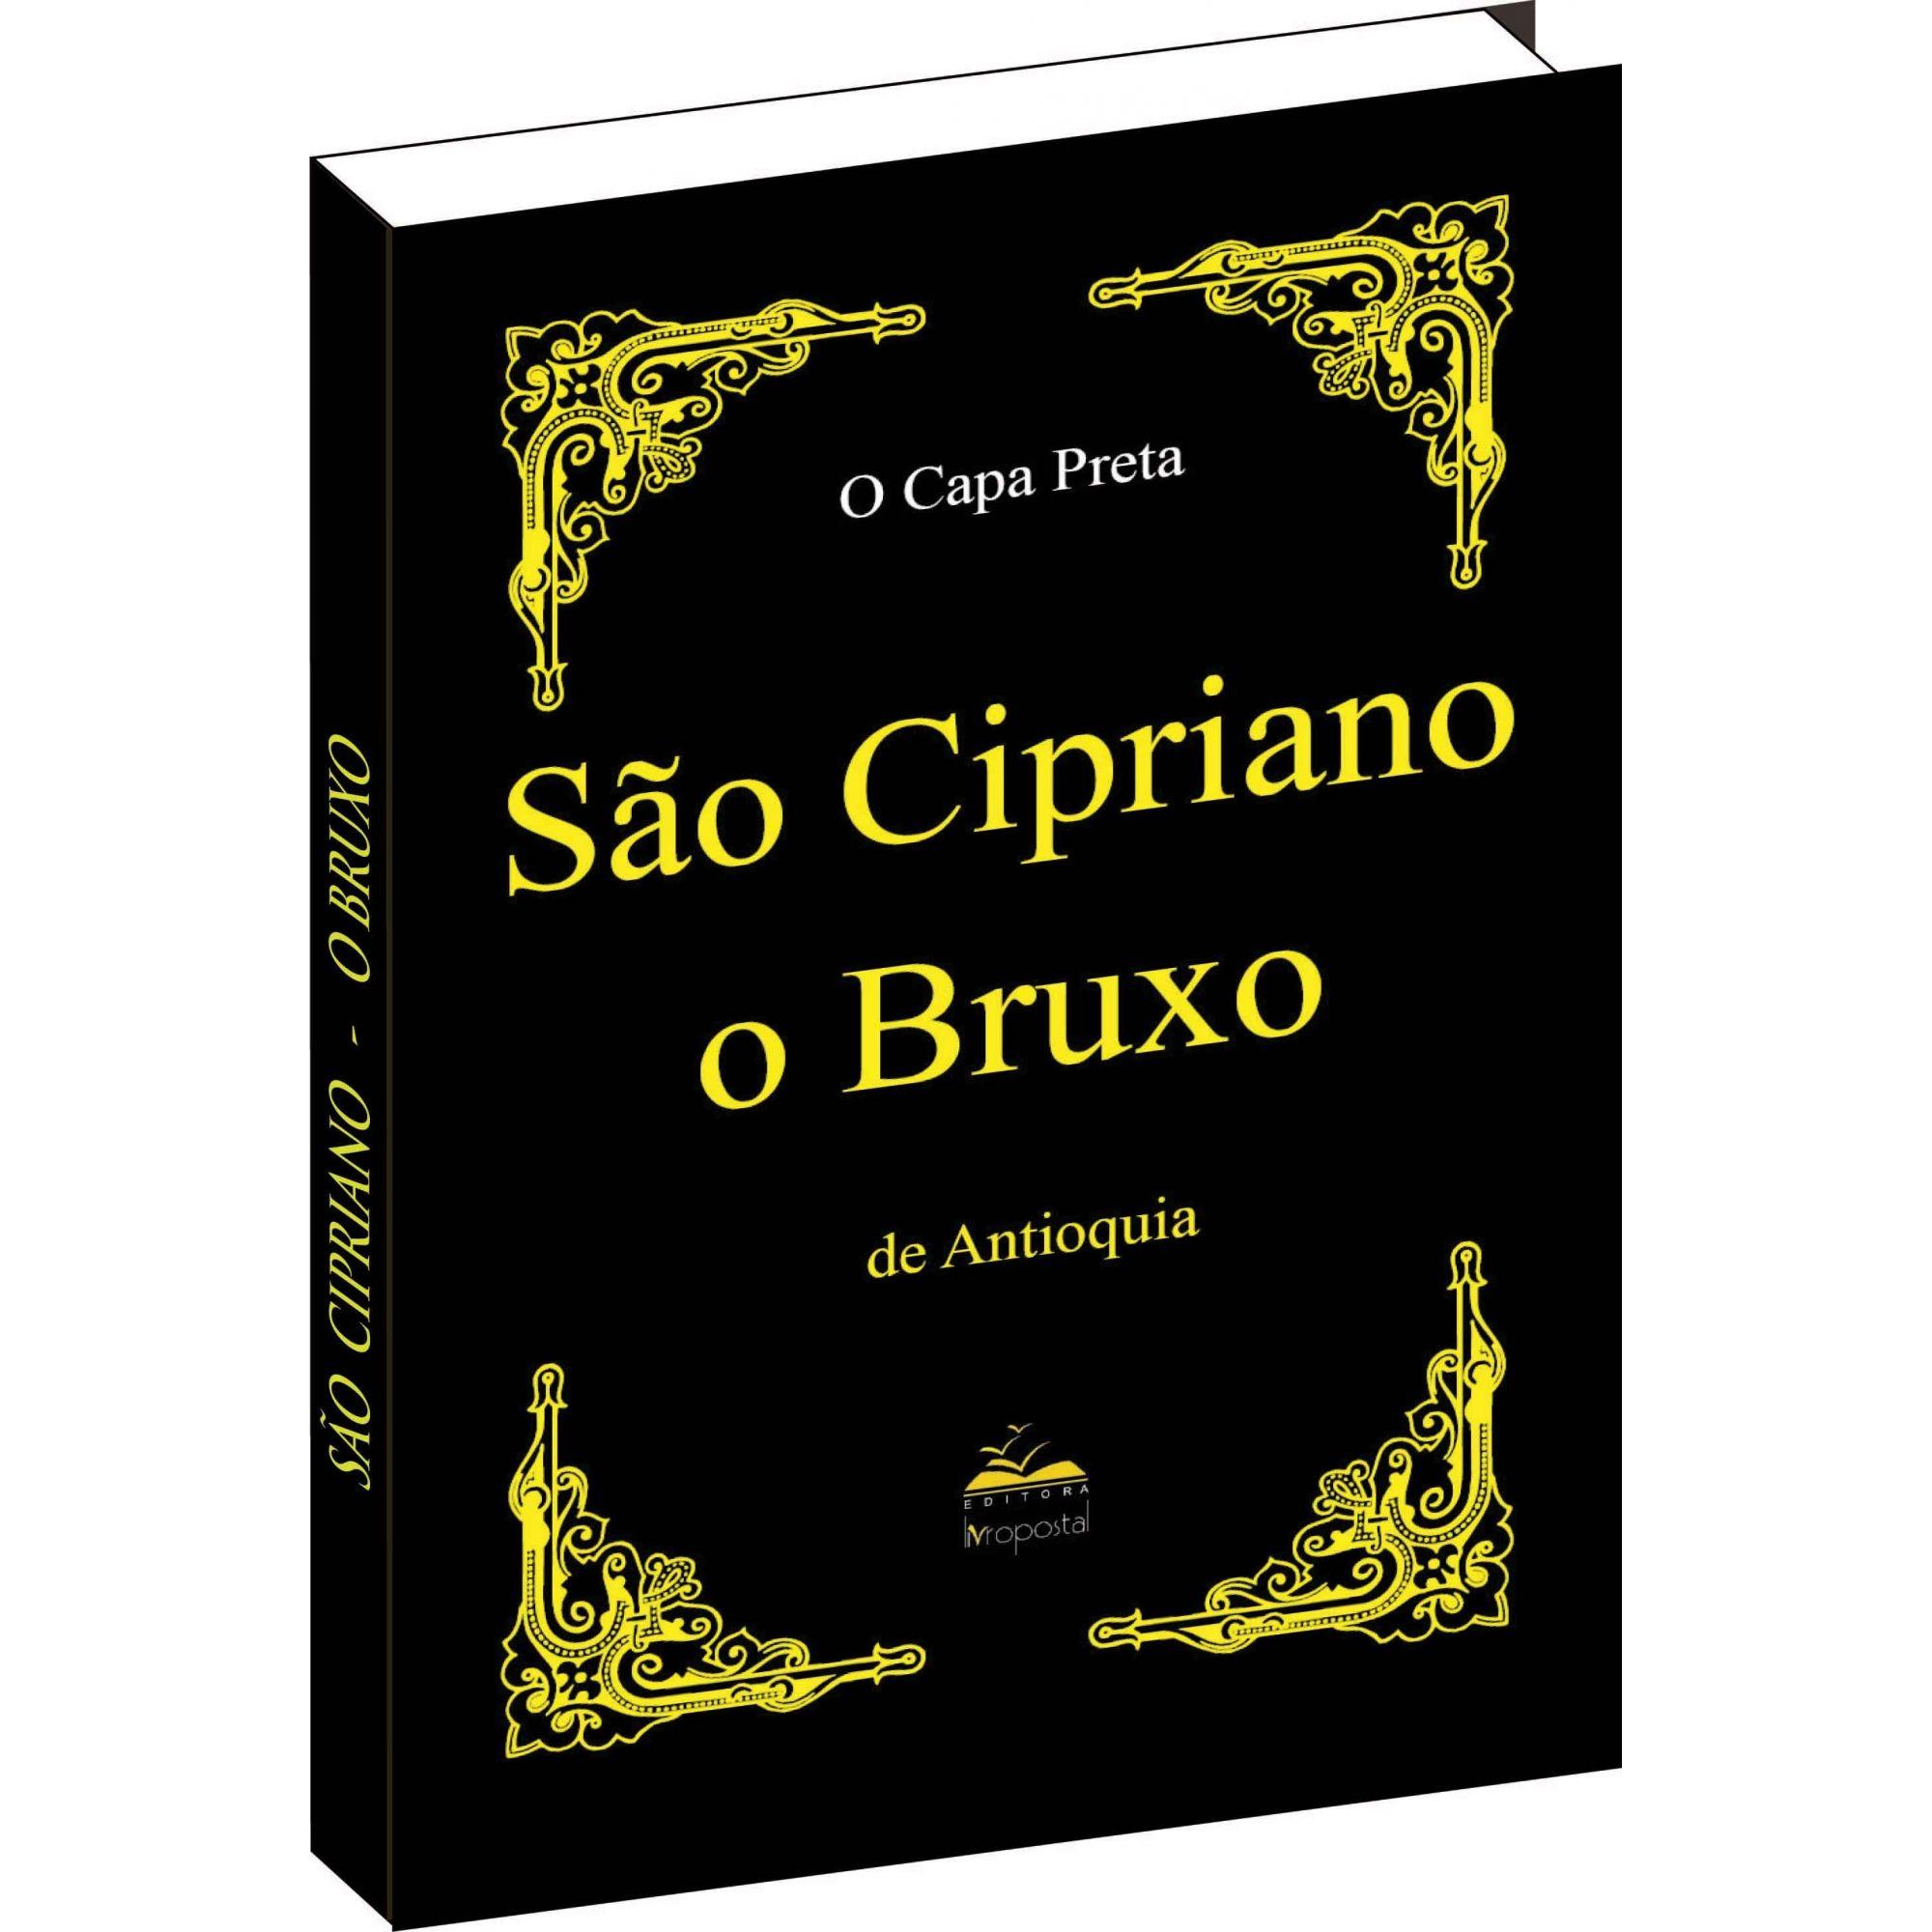 Livro de São Cipriano o Bruxo -  Capa Preta  - Livropostal Editora